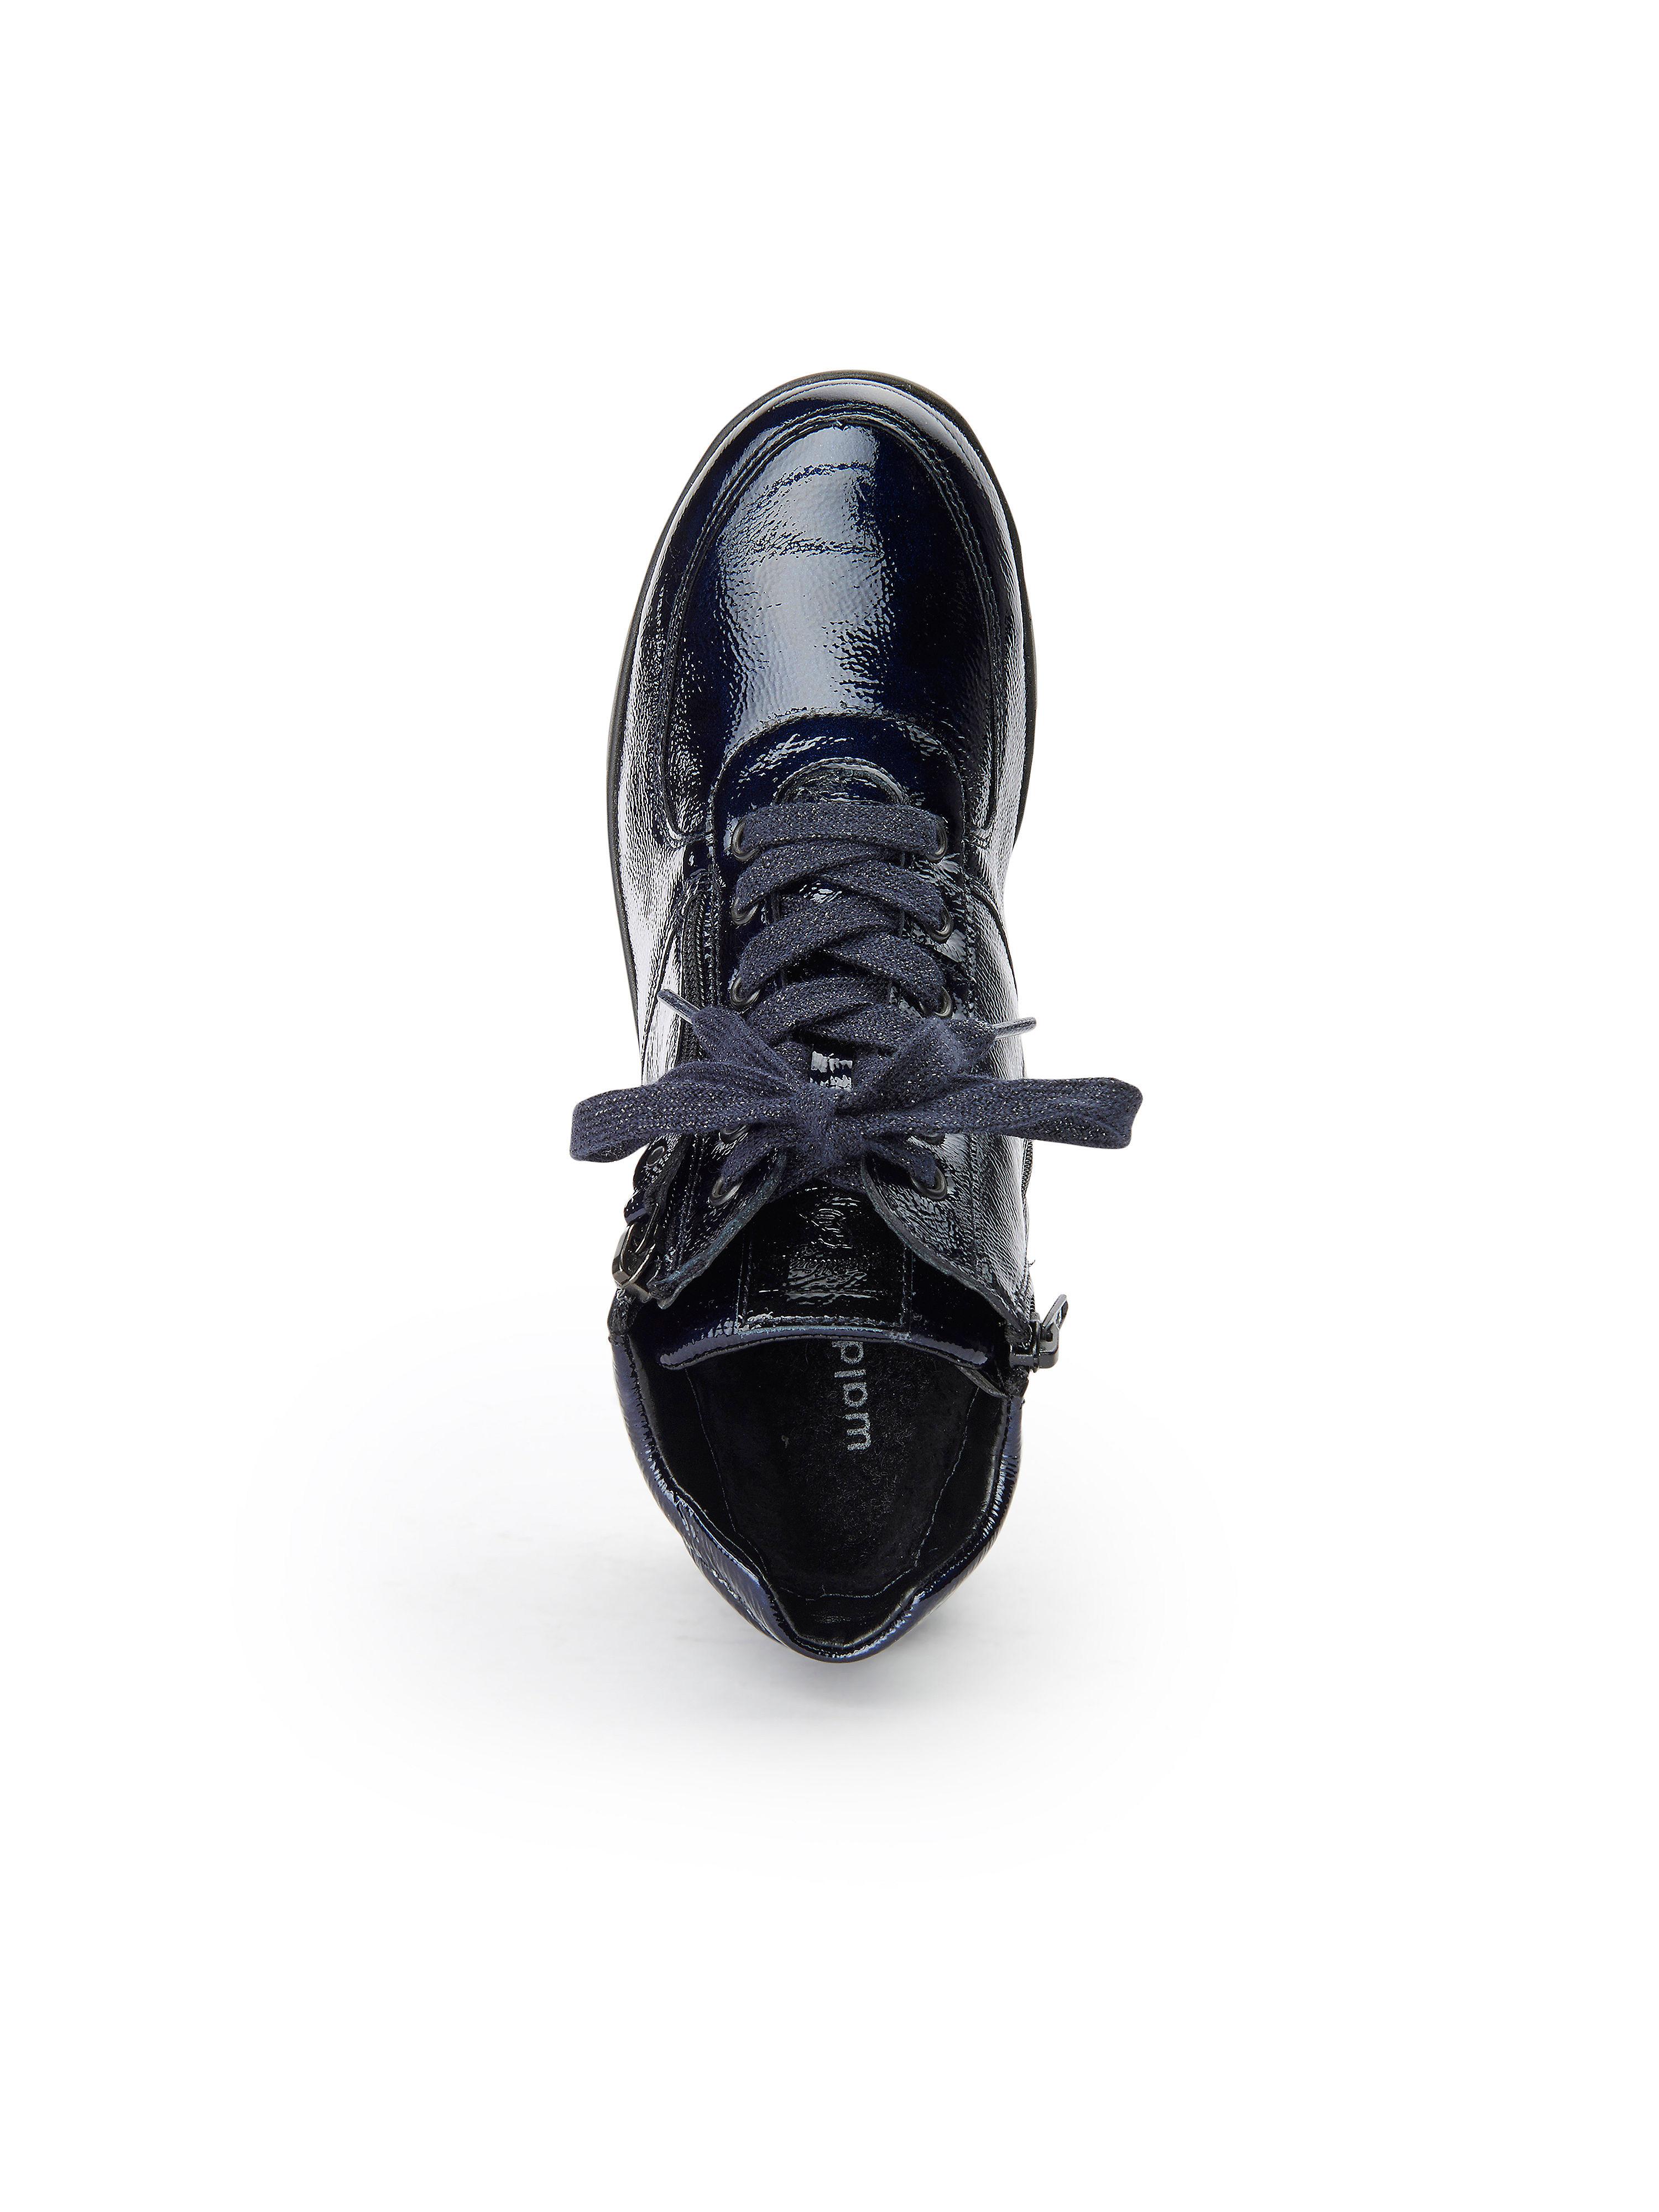 Waldläufer 100% - Schnür-Stiefelette Kaina aus 100% Waldläufer Leder - Marine Gute Qualität beliebte Schuhe 0d2439